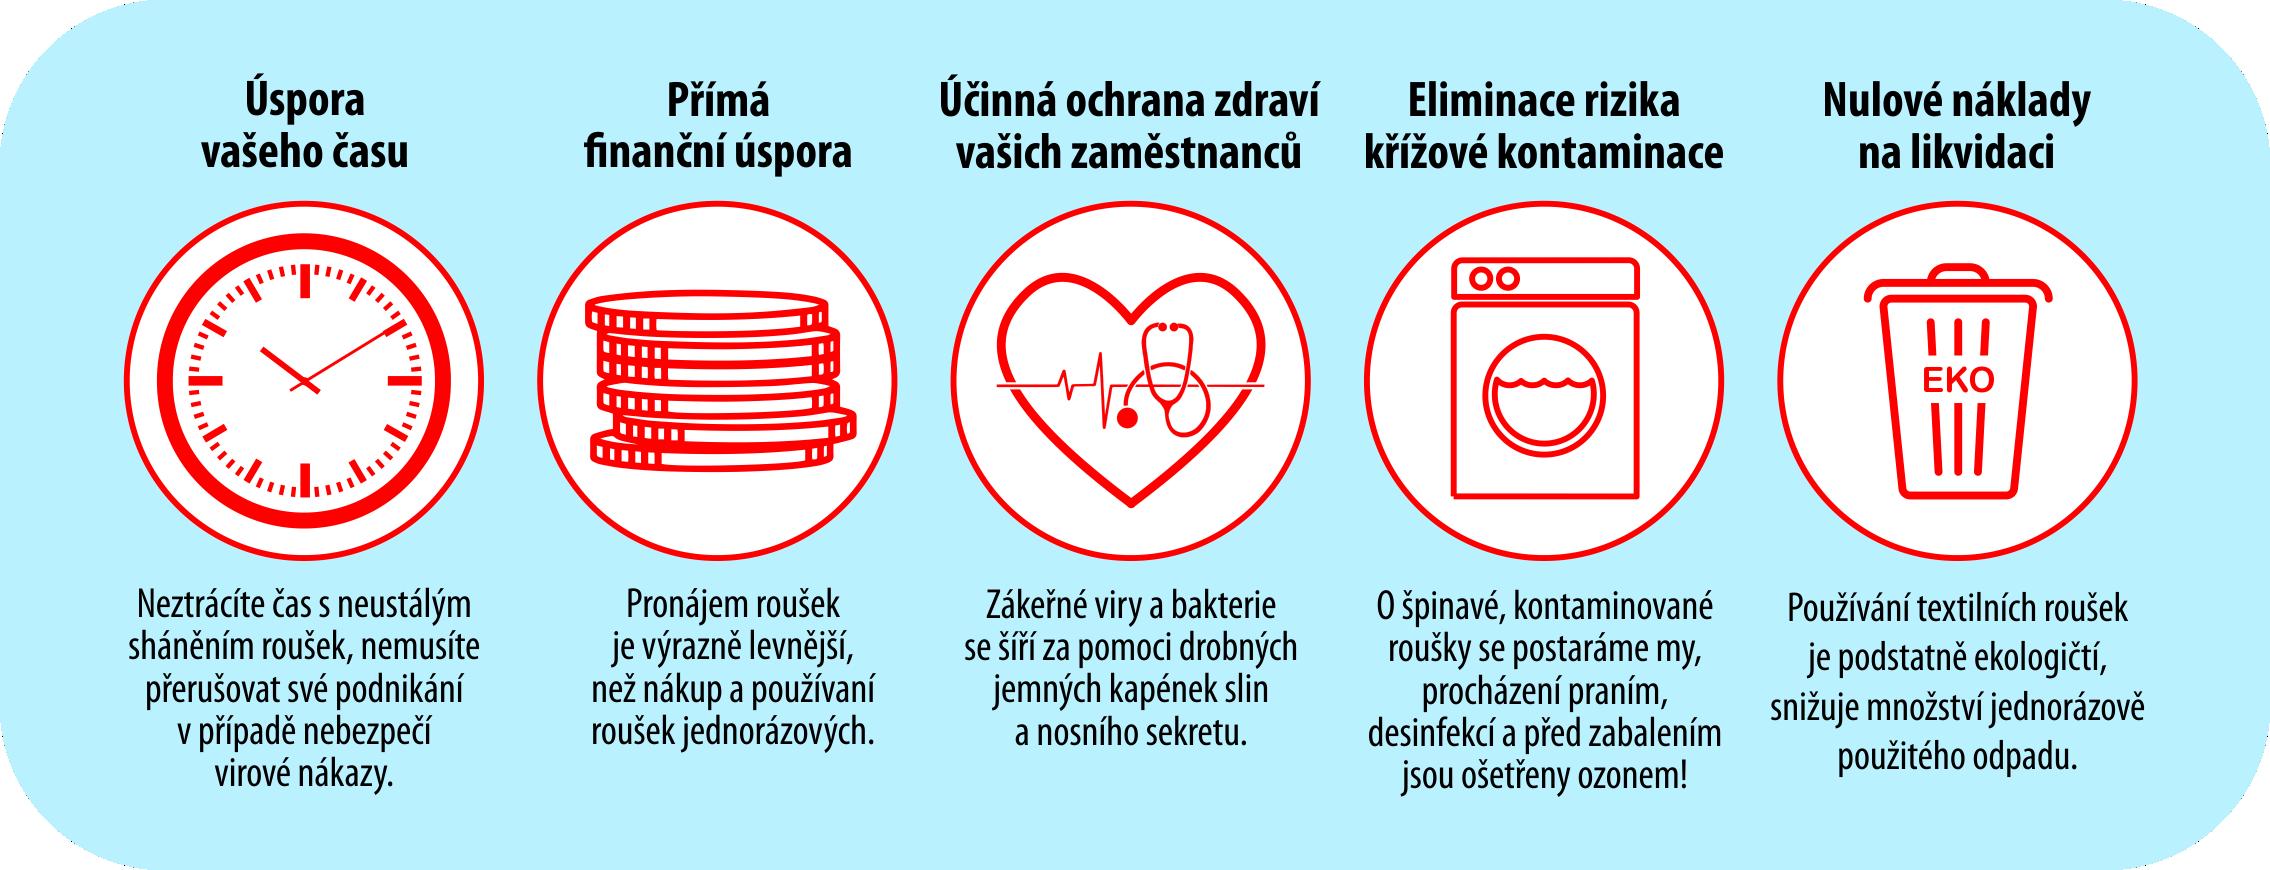 ikony - výhody.png